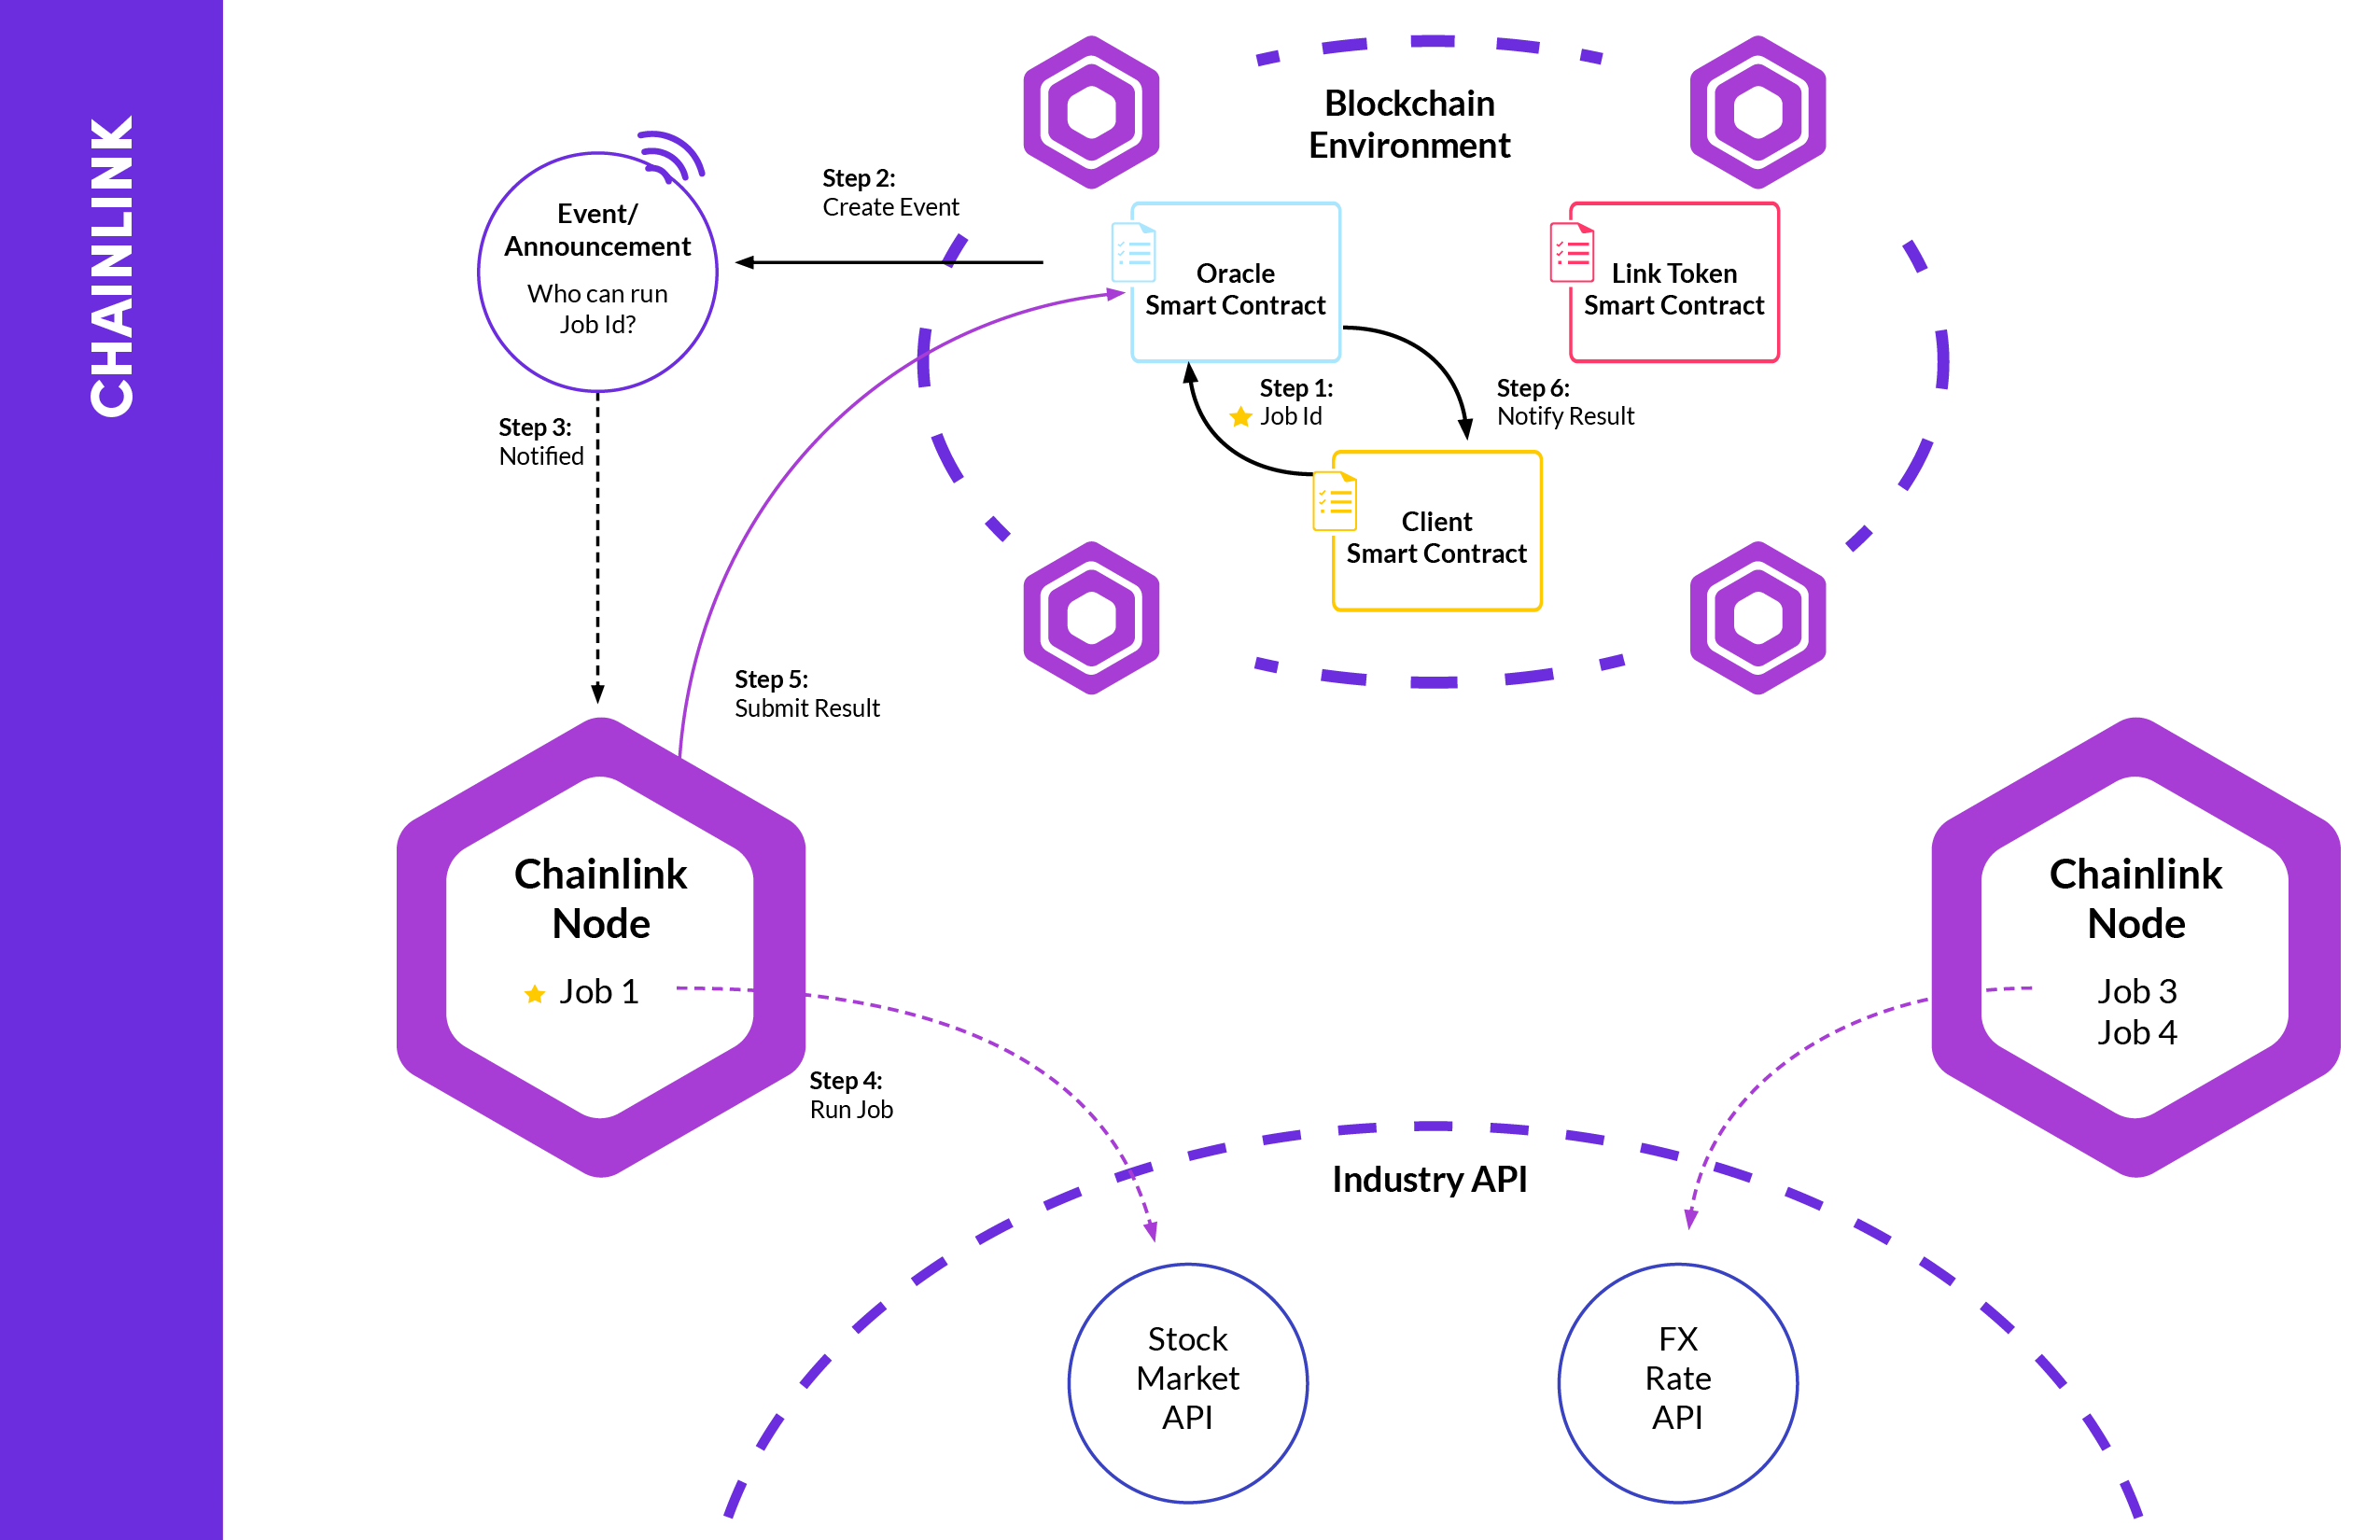 Chainlink workflow illustration